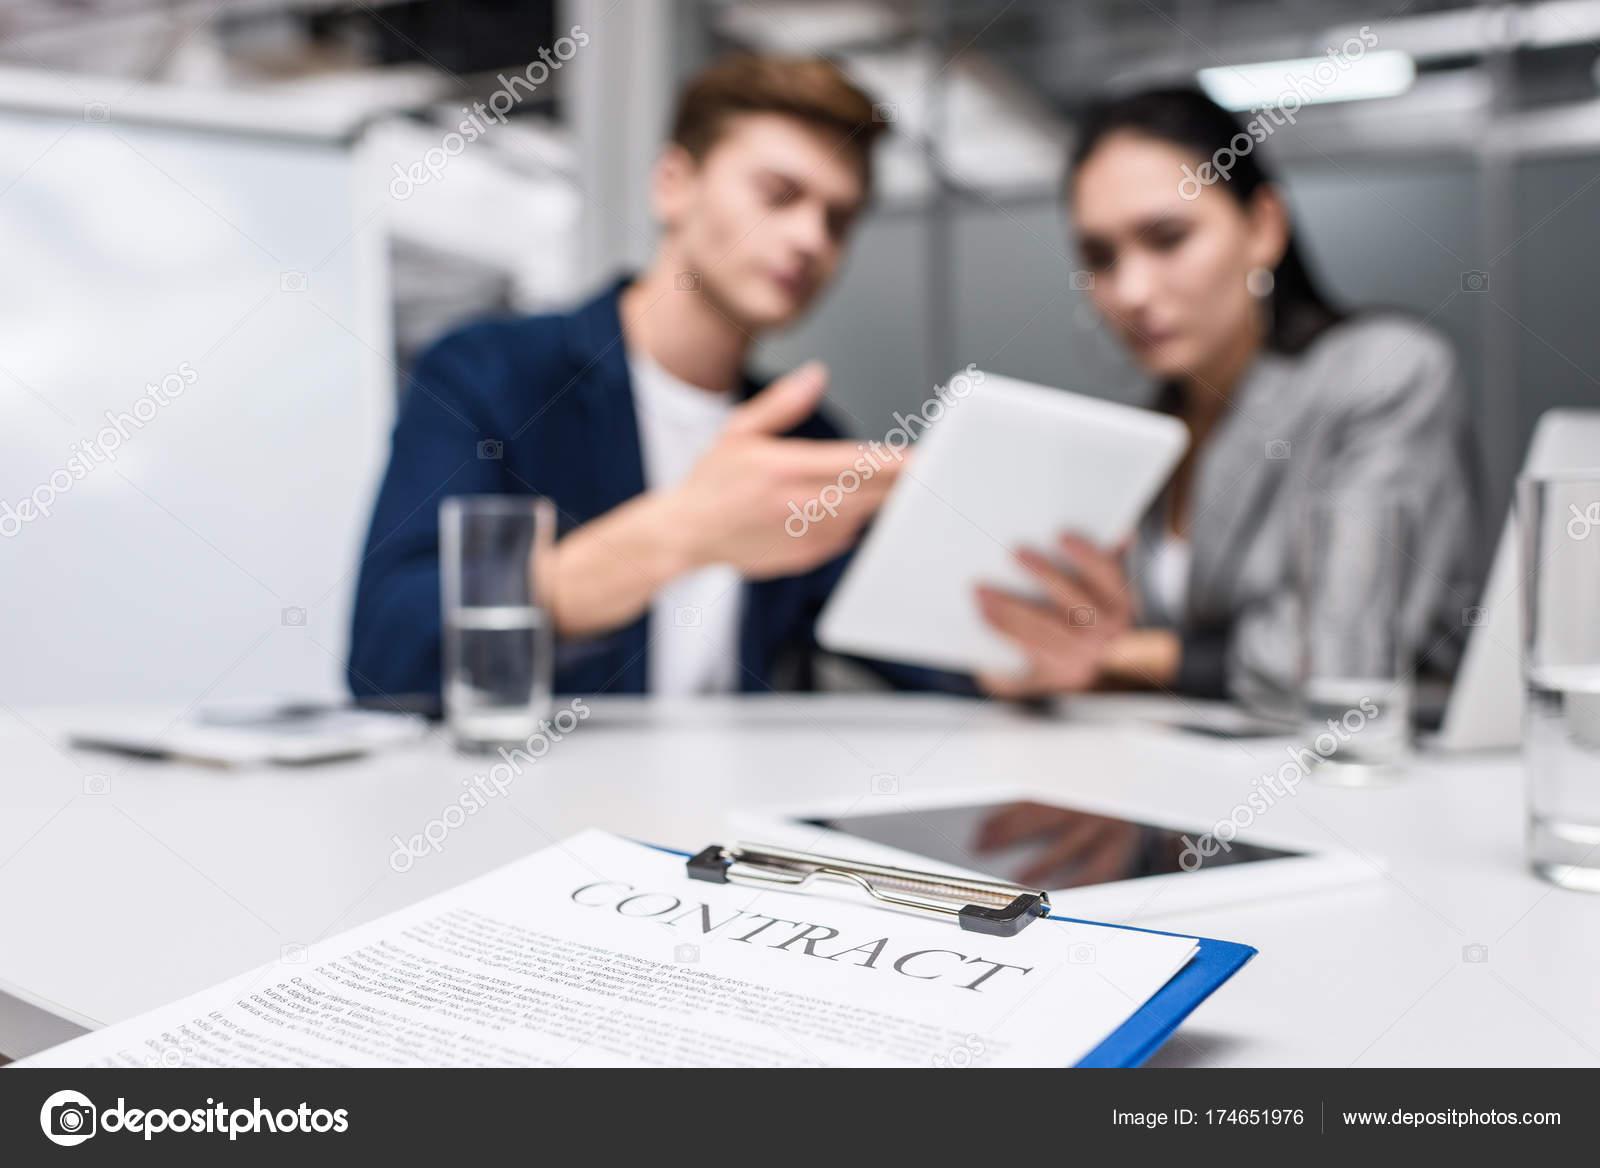 Business Vertrag Über Die Zwischenablage Büro Mit Blick Auf Tablet ...